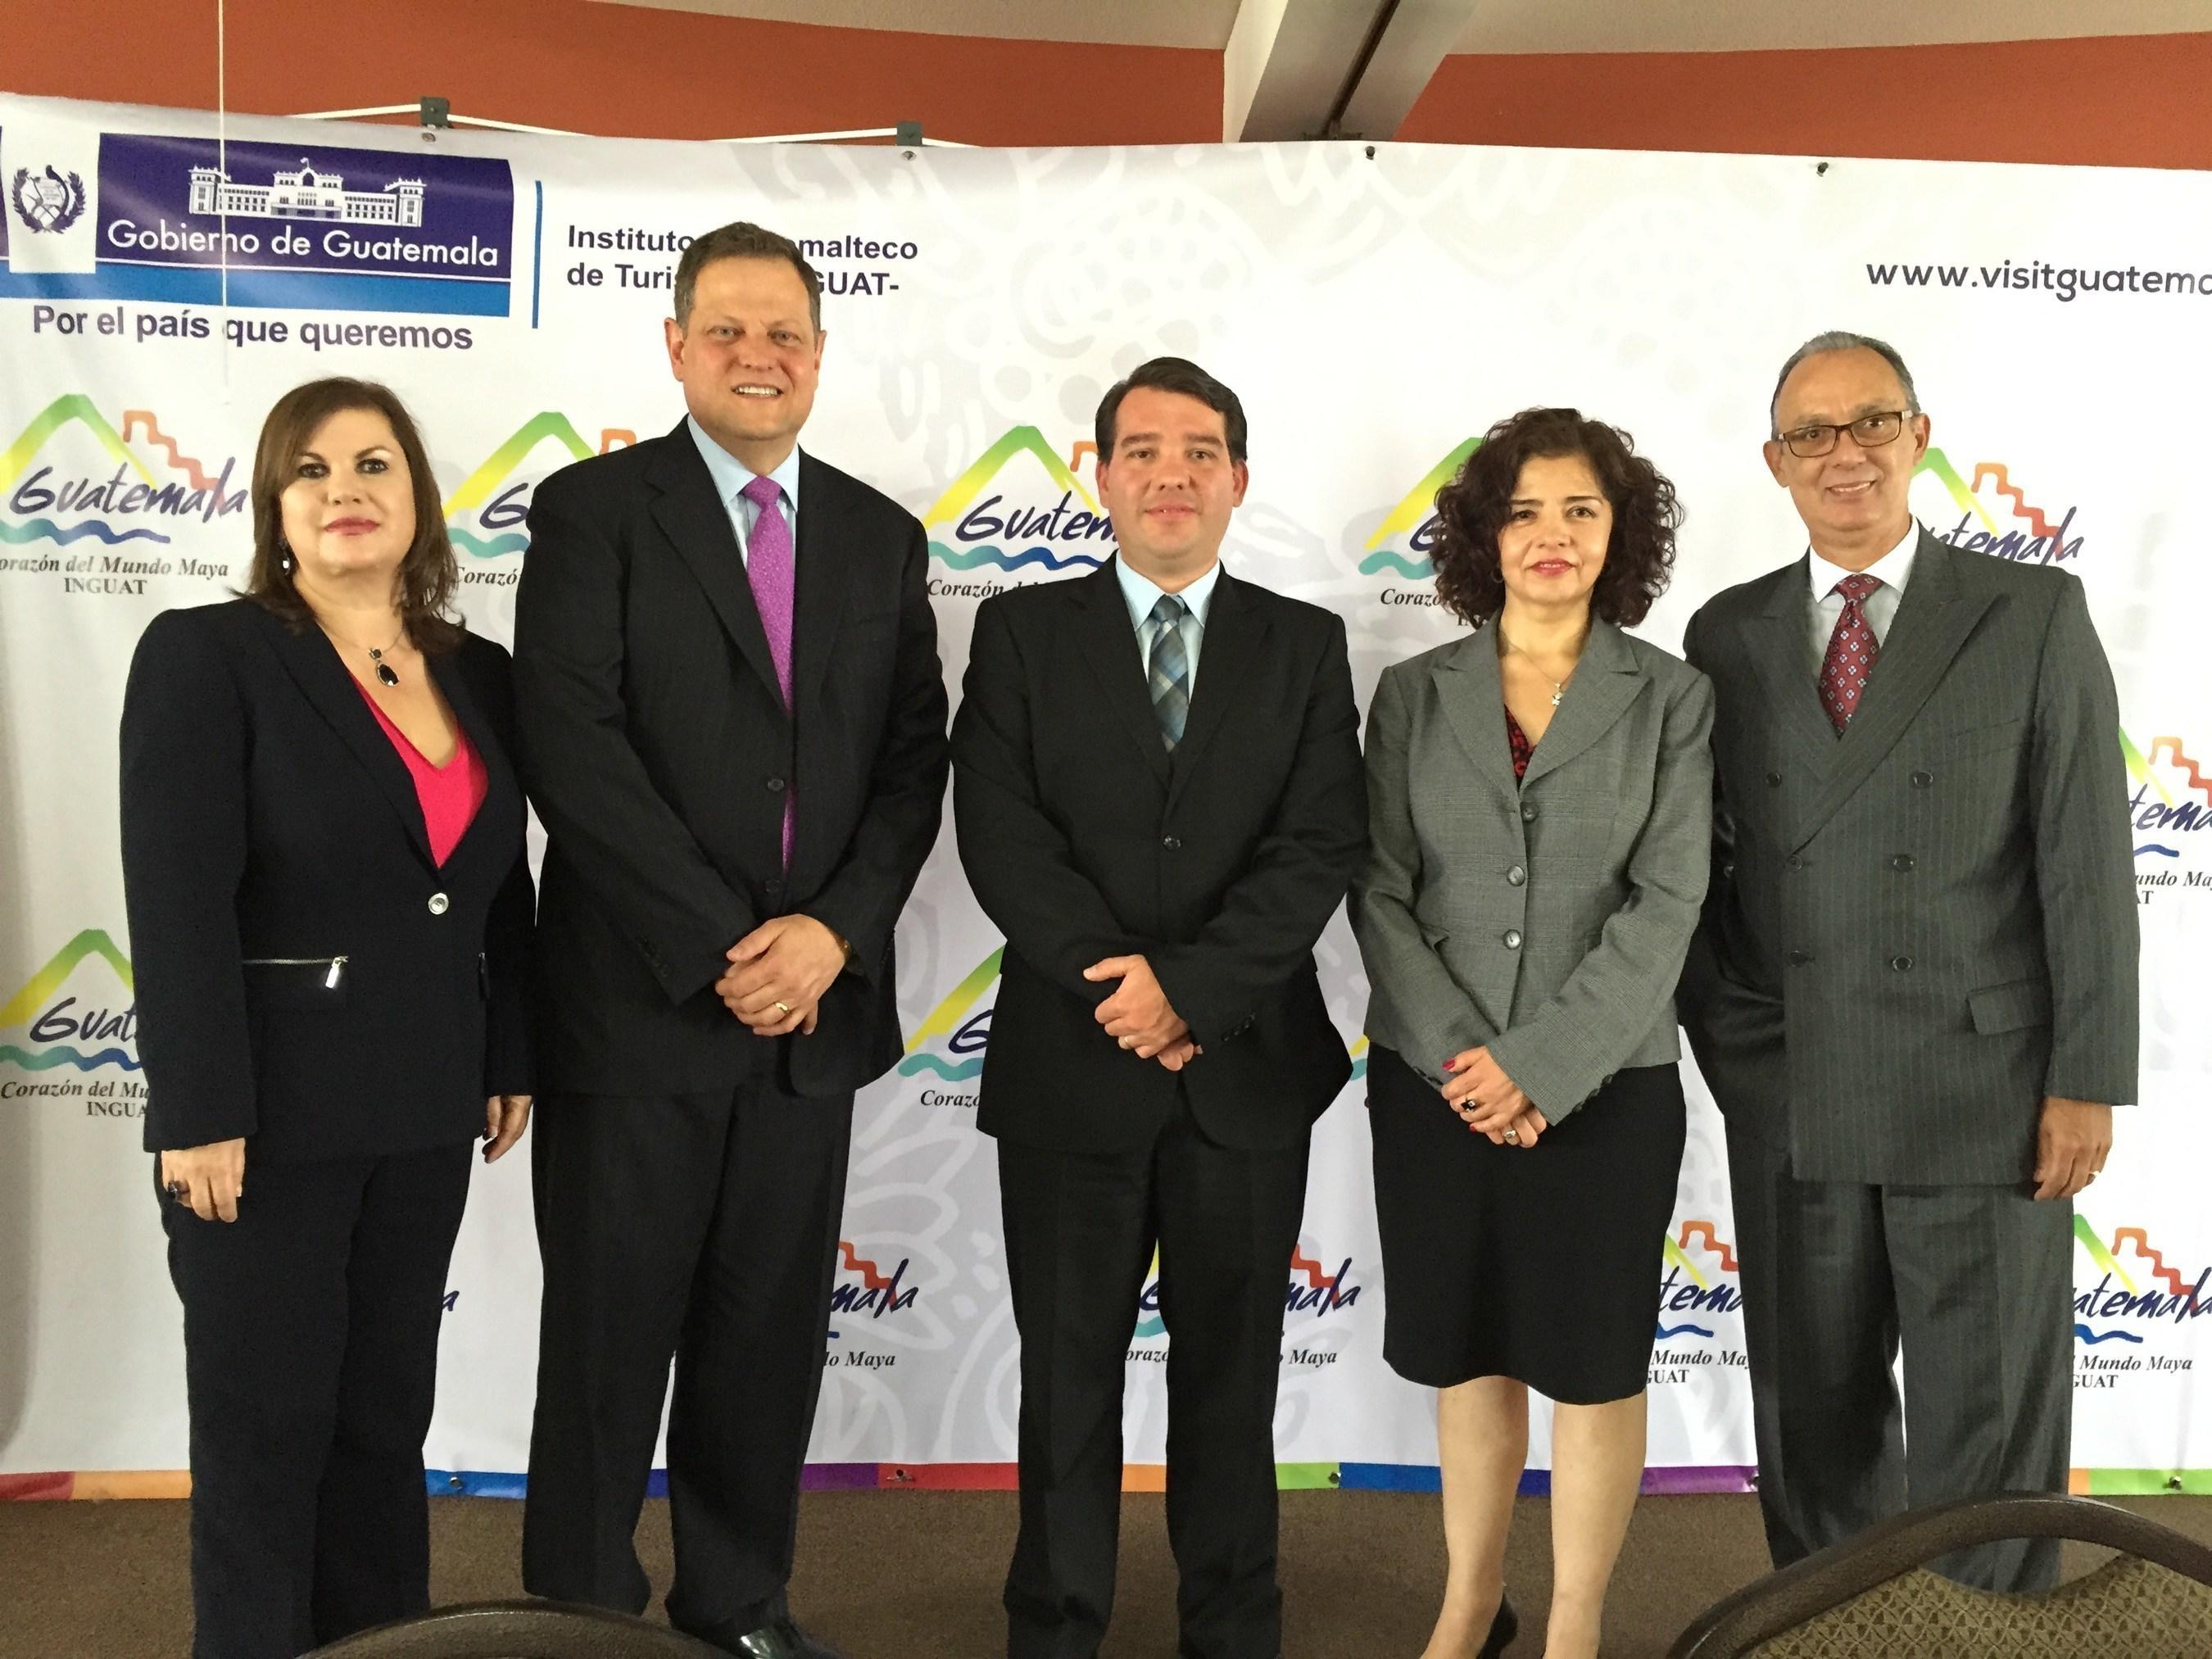 Volaris announces new routes to Guatemala